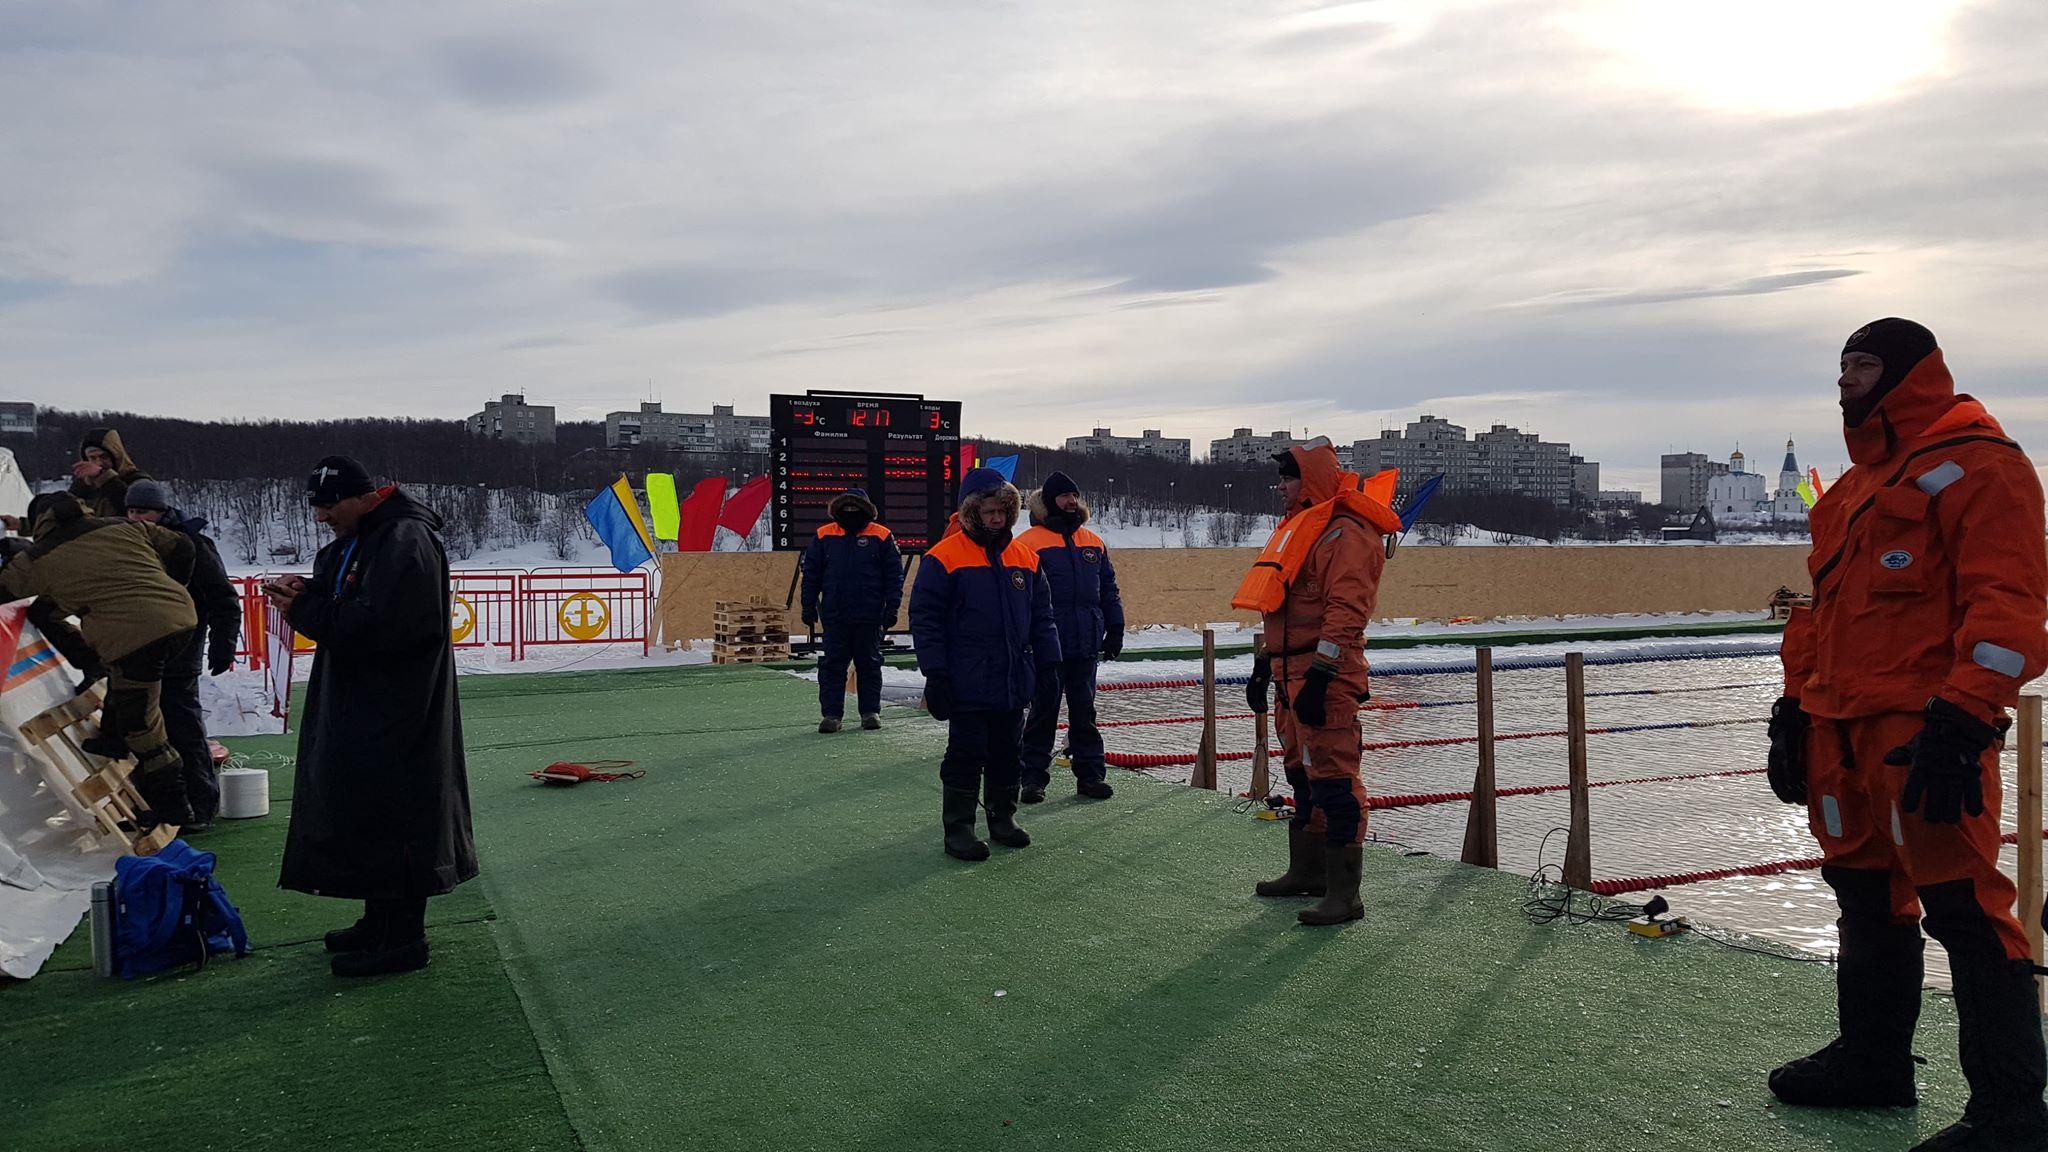 Das Wettkampfbecken bei den Eisschwimm Weltmeisterschaften in Murmansk Russland